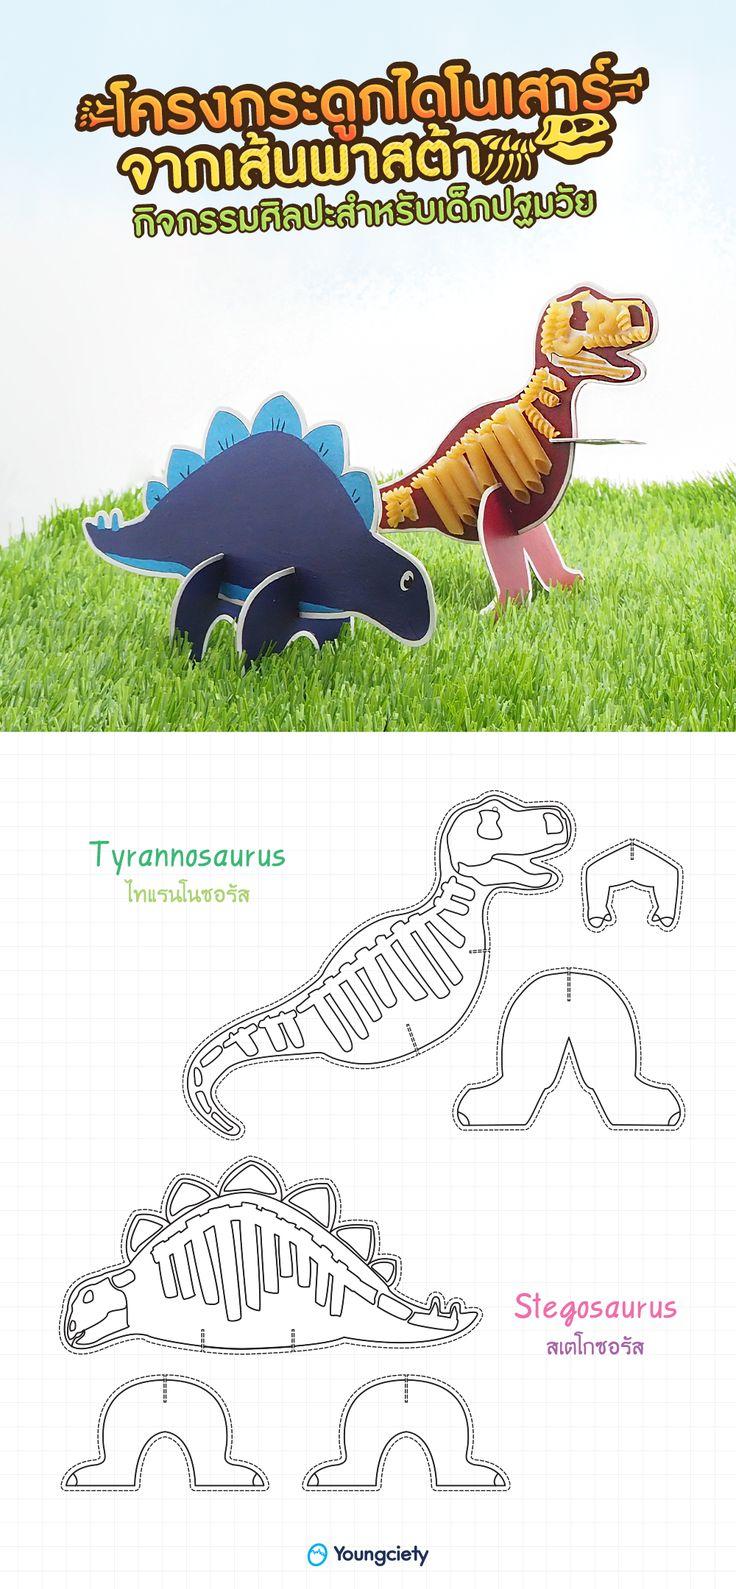 ศ ลปะโครงกระด กไดโนเสาร จากเส นพาสต า Dinosaur Skeleton Pasta แบบ